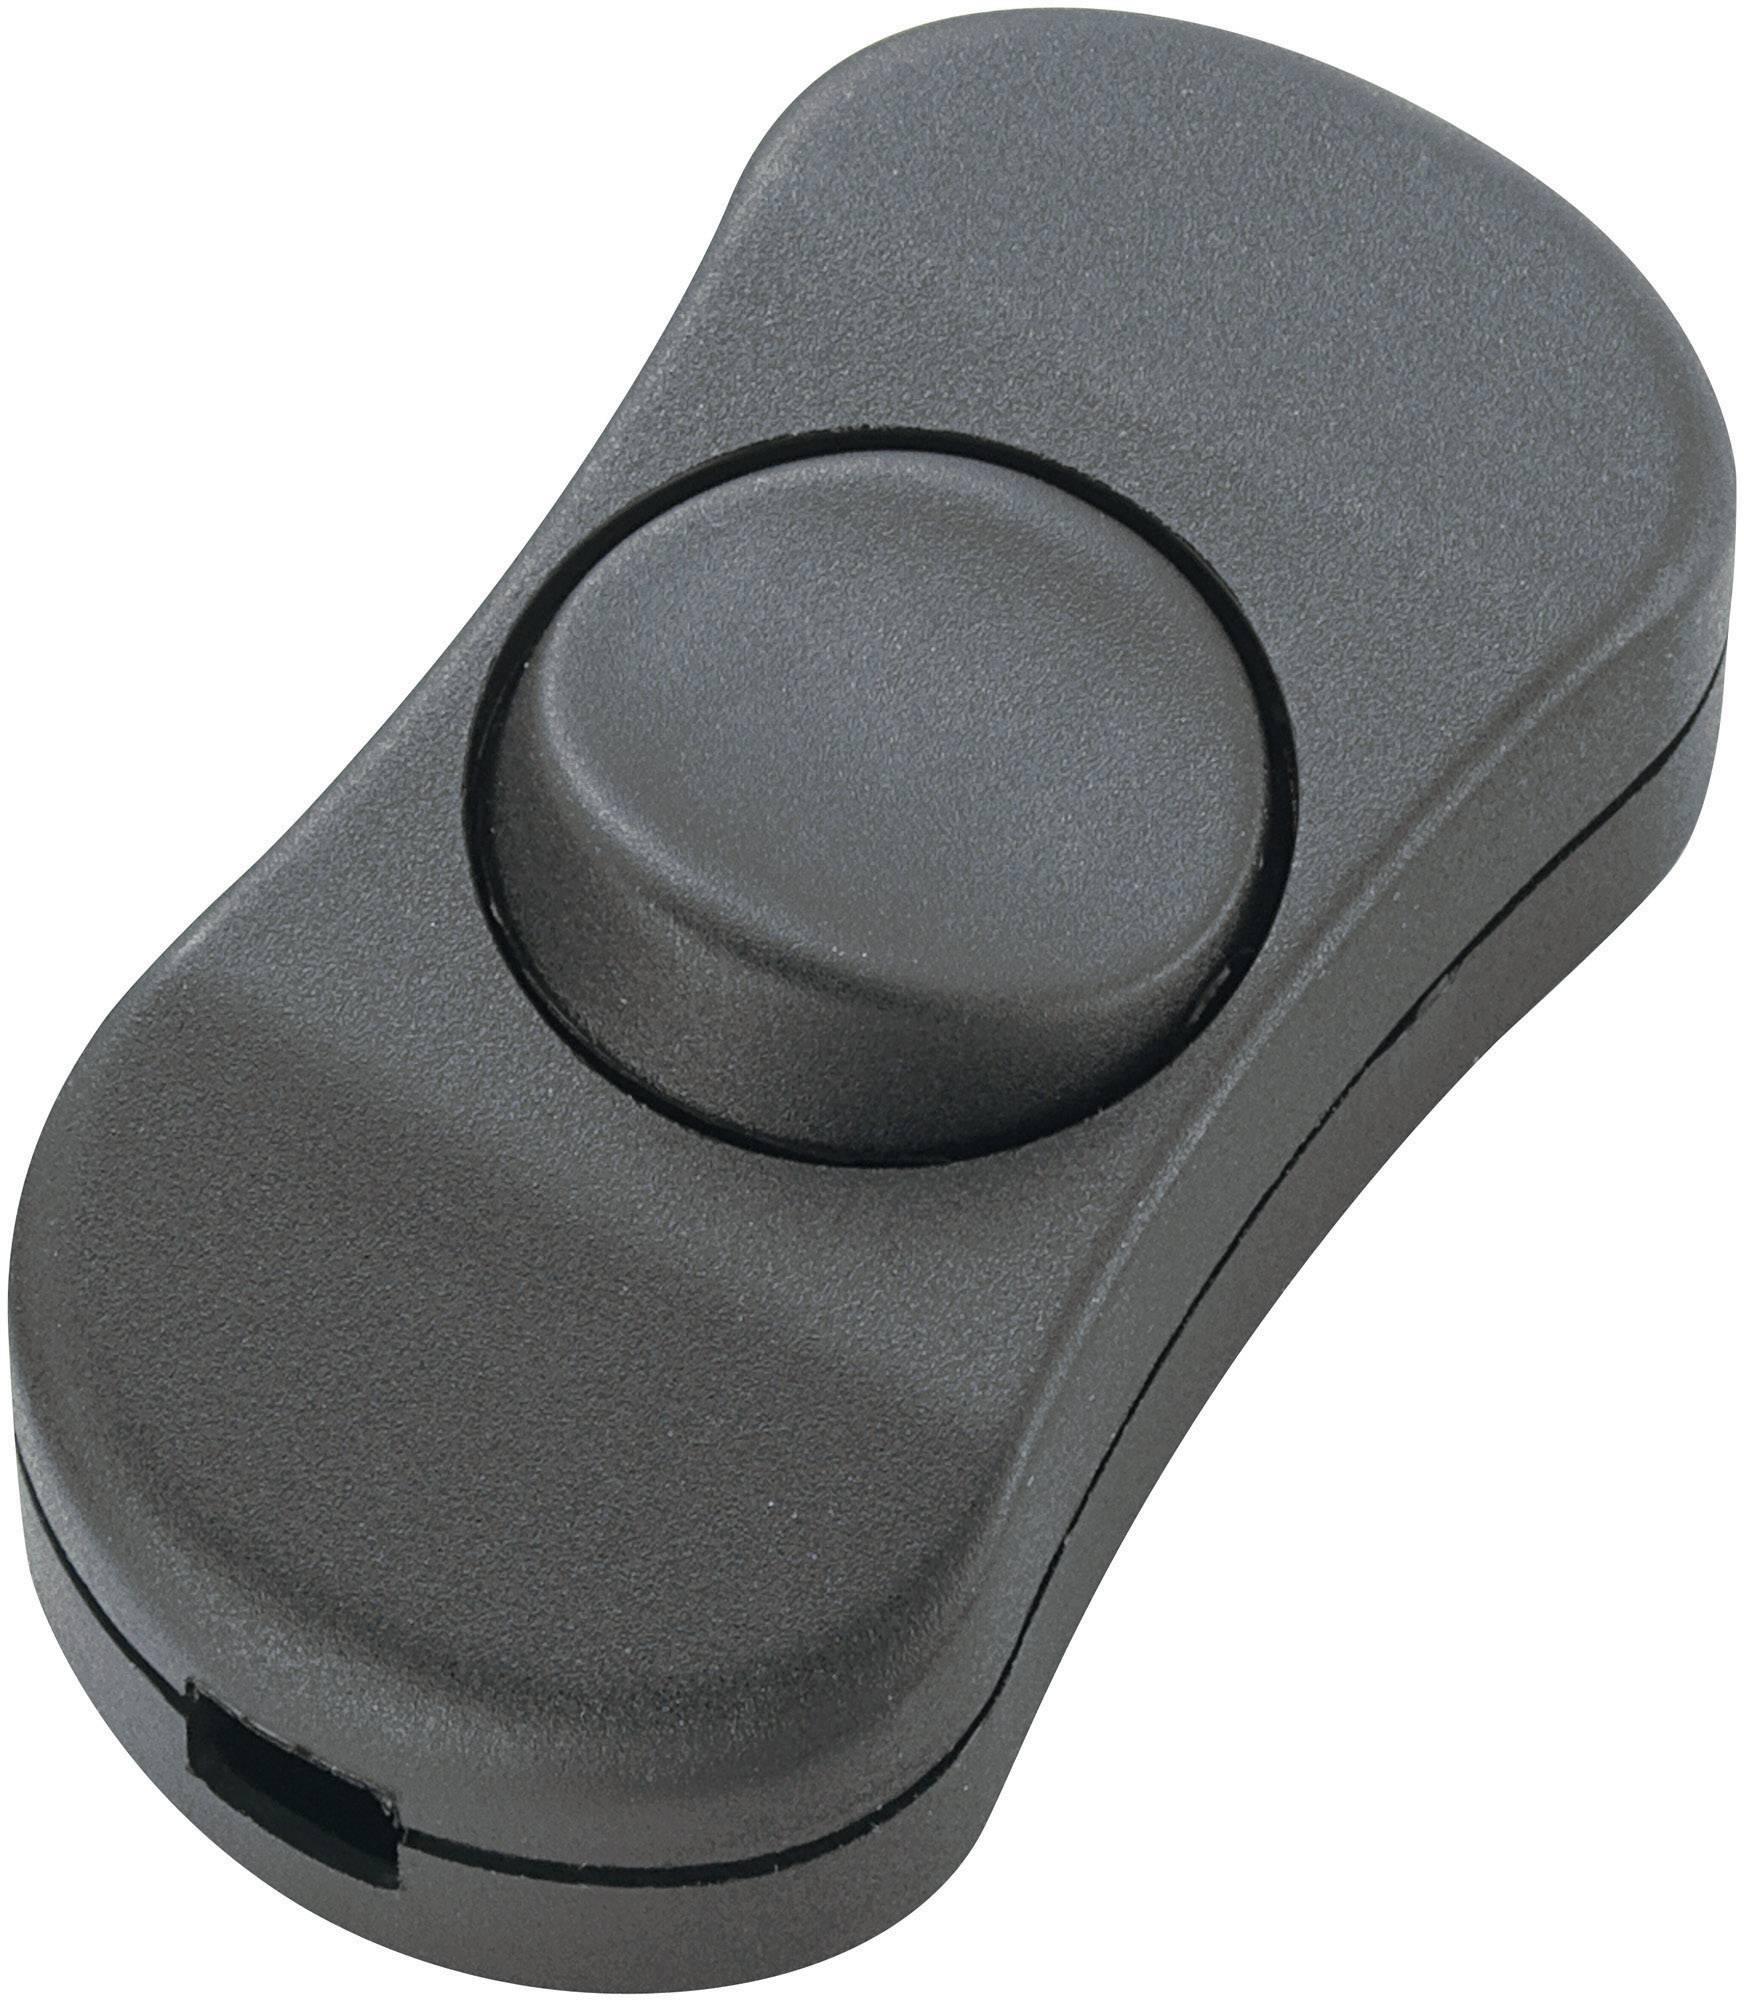 Šnúrový spínač SCI R13-901, 3 A, čierna, 1 ks